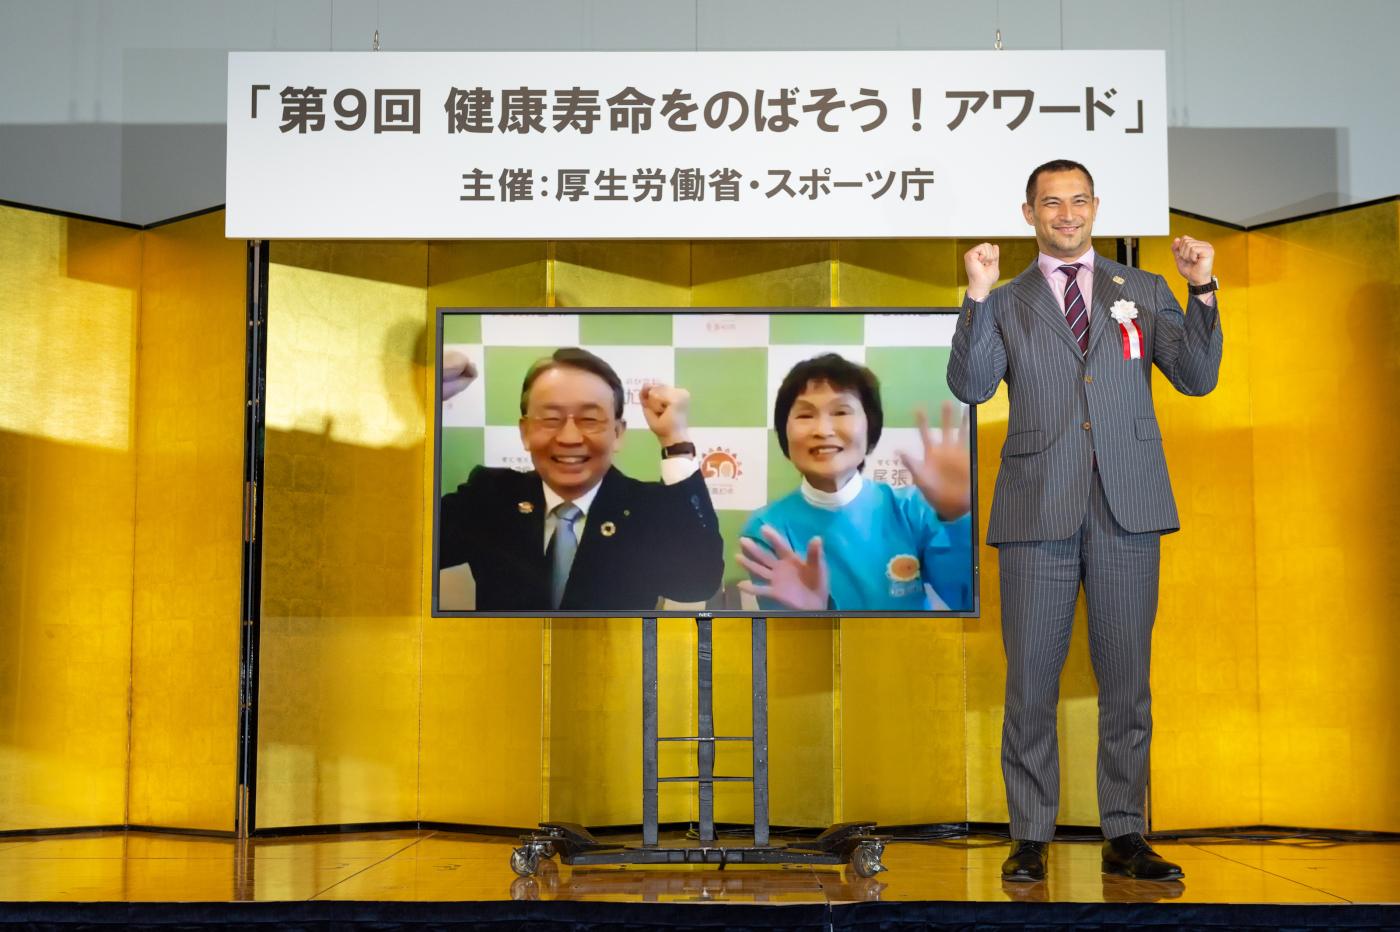 尾張旭市の健康都市づくりが「スポーツ庁長官優秀賞」を受賞!